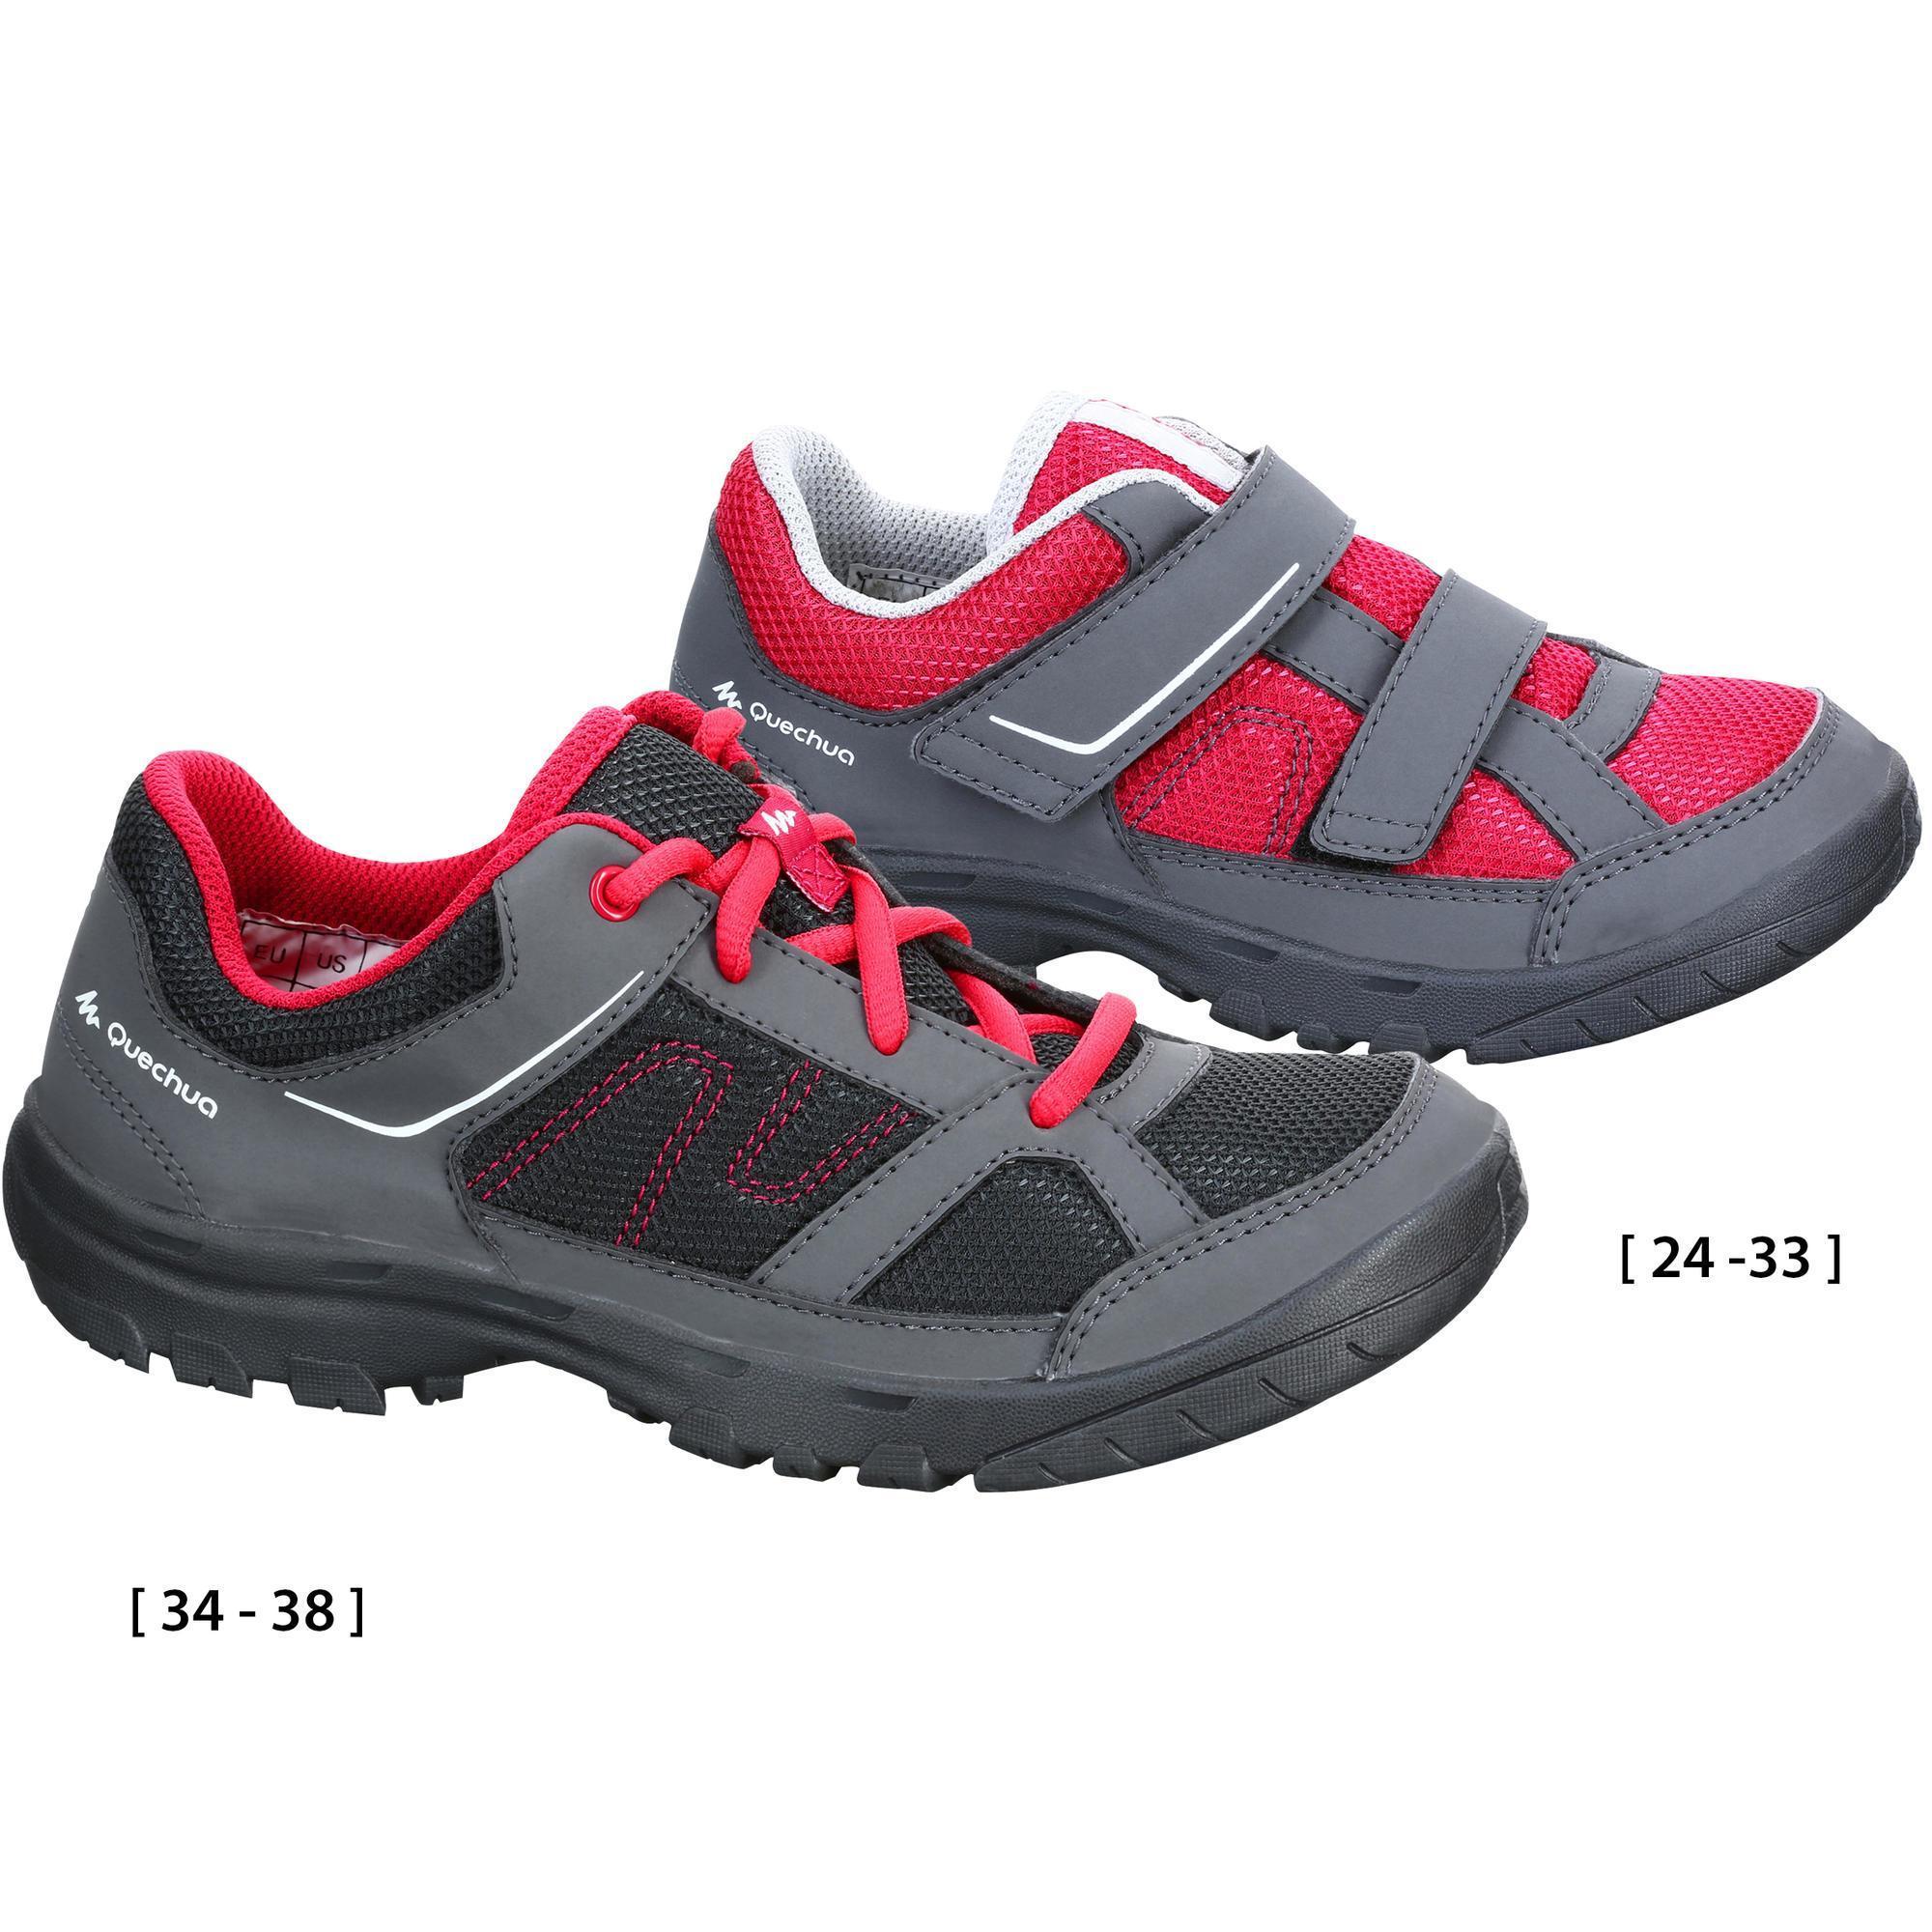 eabebbeac11 Chaussures de randonnée